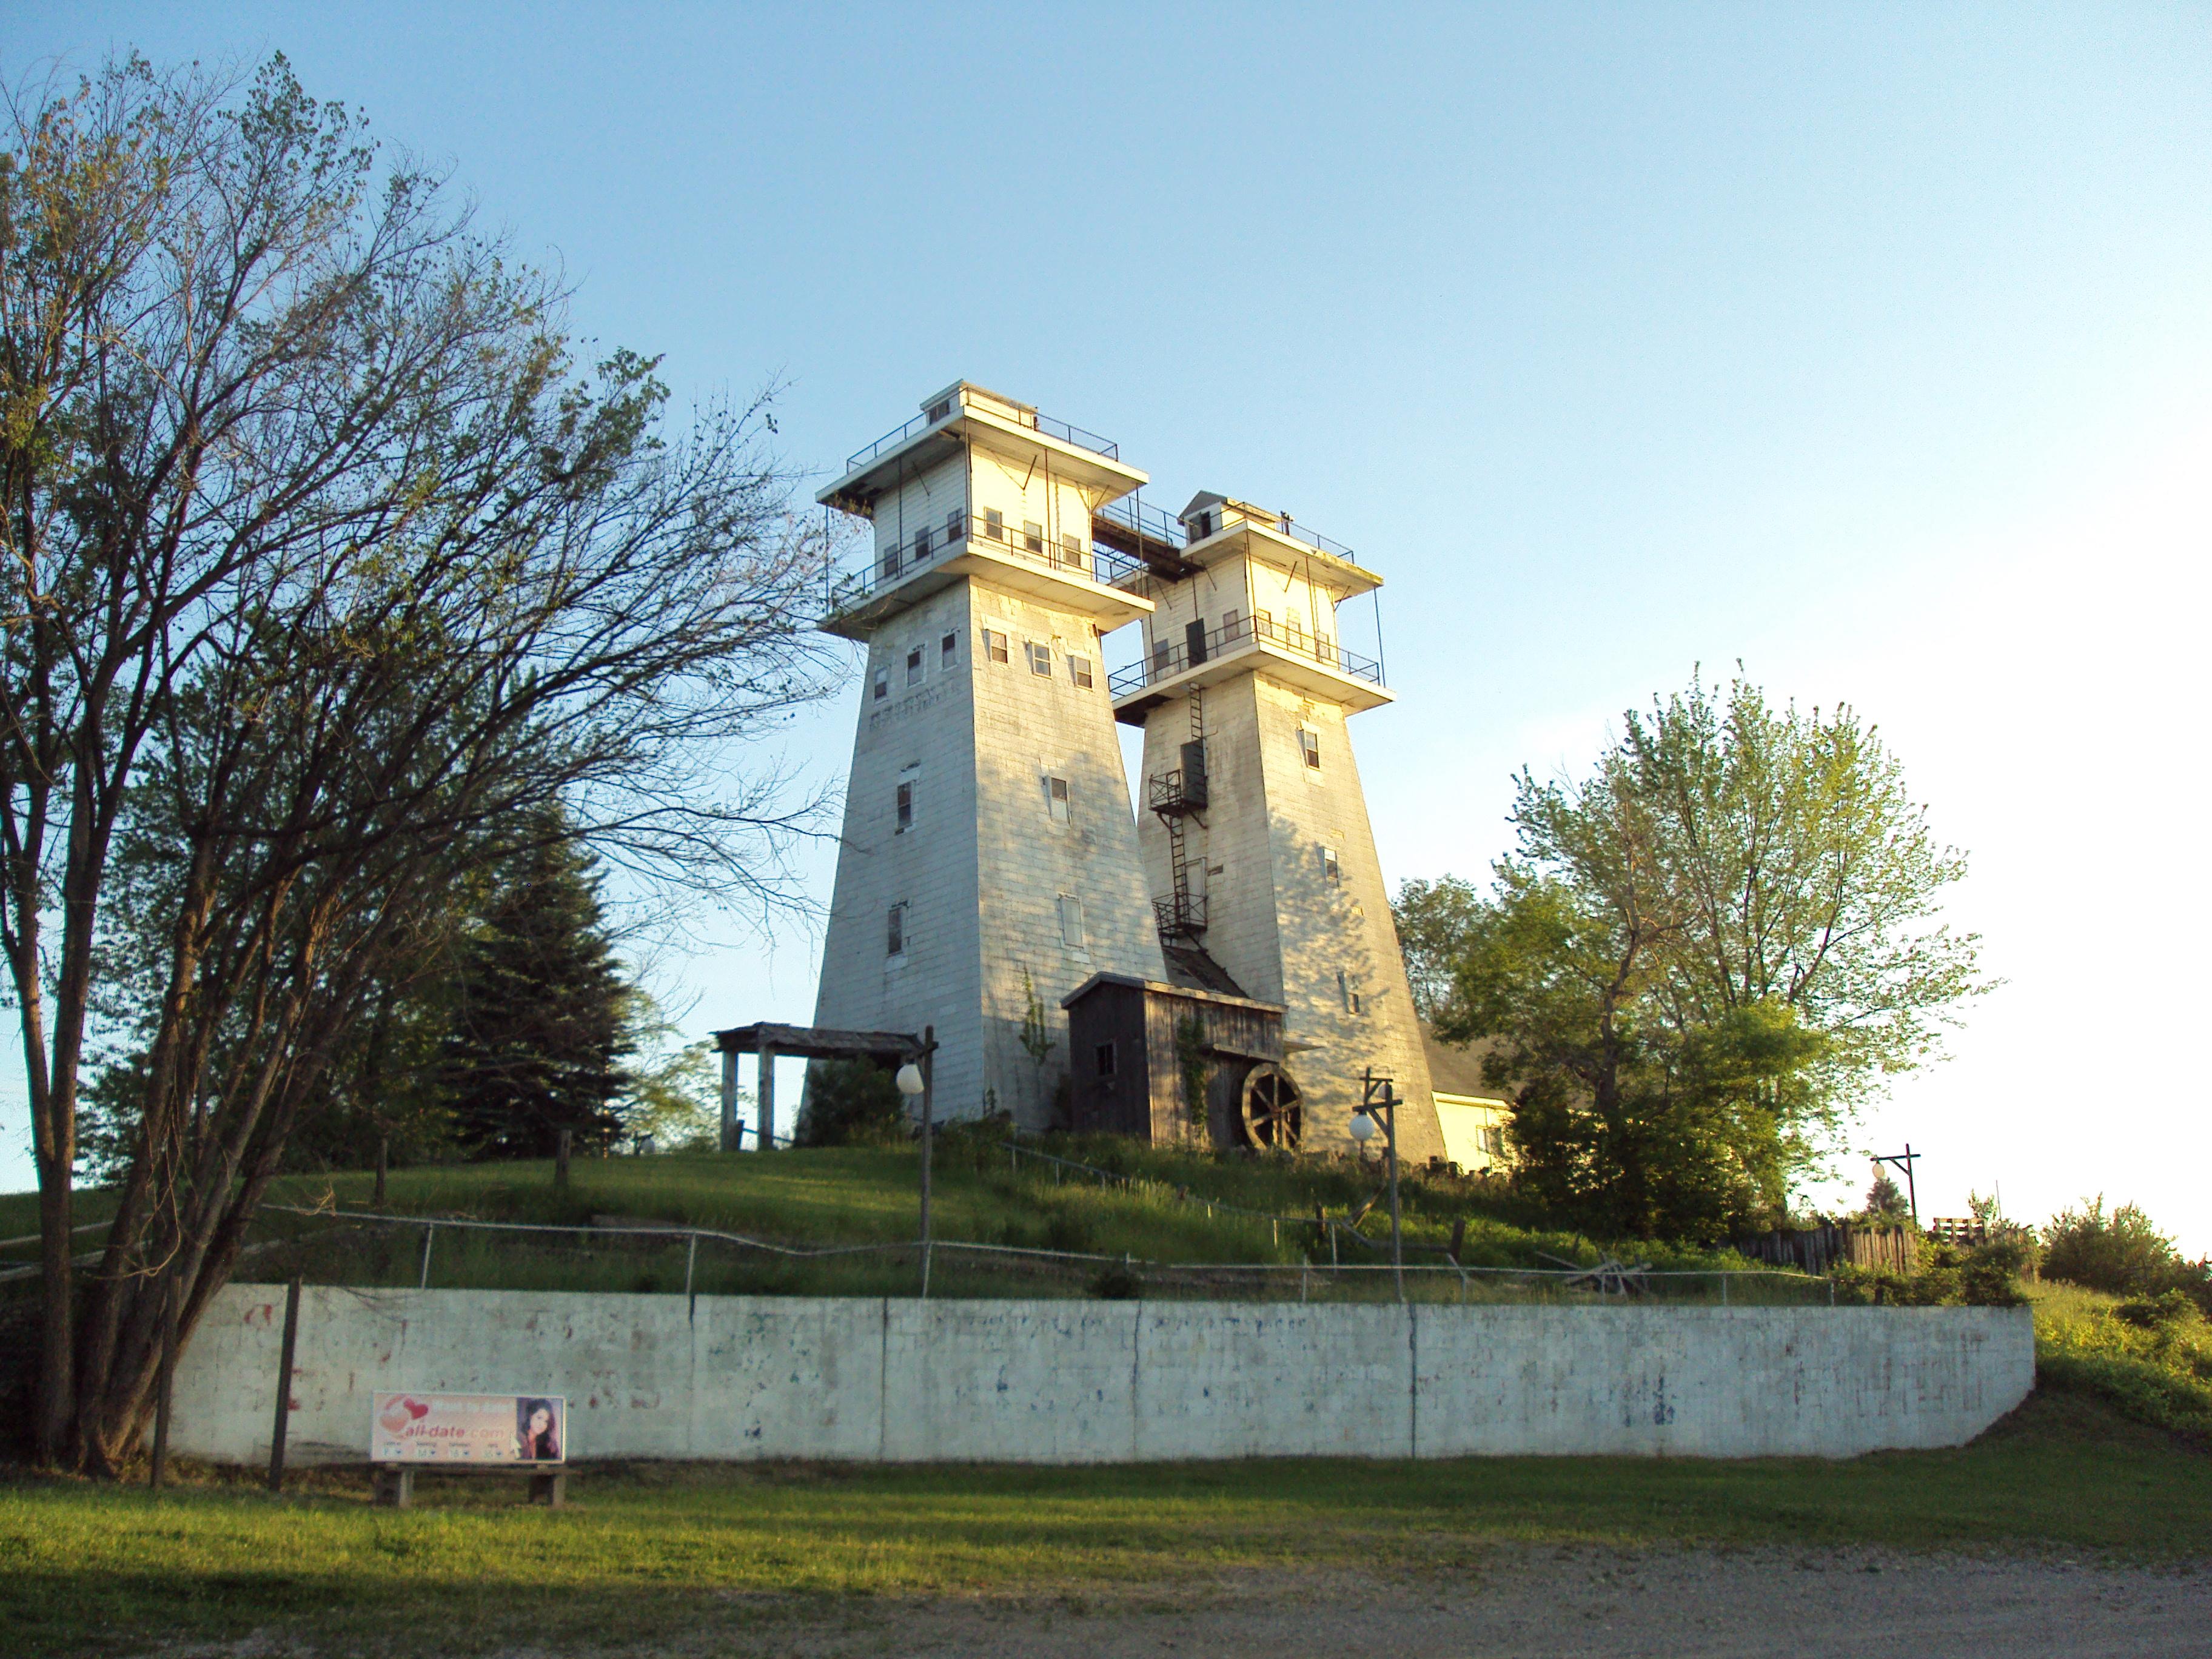 Superior Irish Hills Michigan #1: Irish_Hills_Towers.JPG